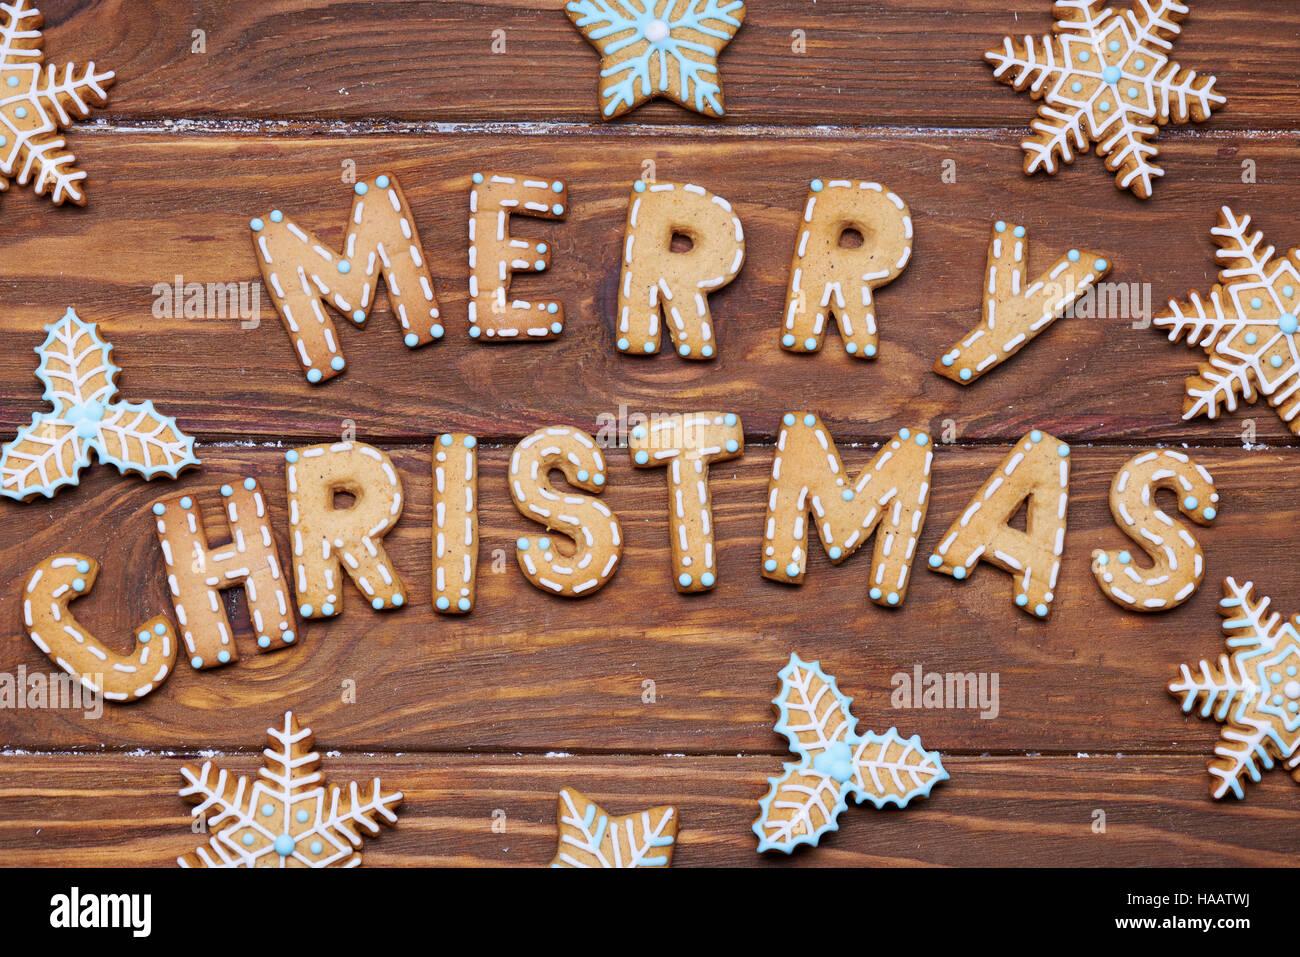 Biscotti Allo Zenzero Di Natale.Scheda Di Natale Segno Di Natale Con Biscotti Allo Zenzero Su Uno